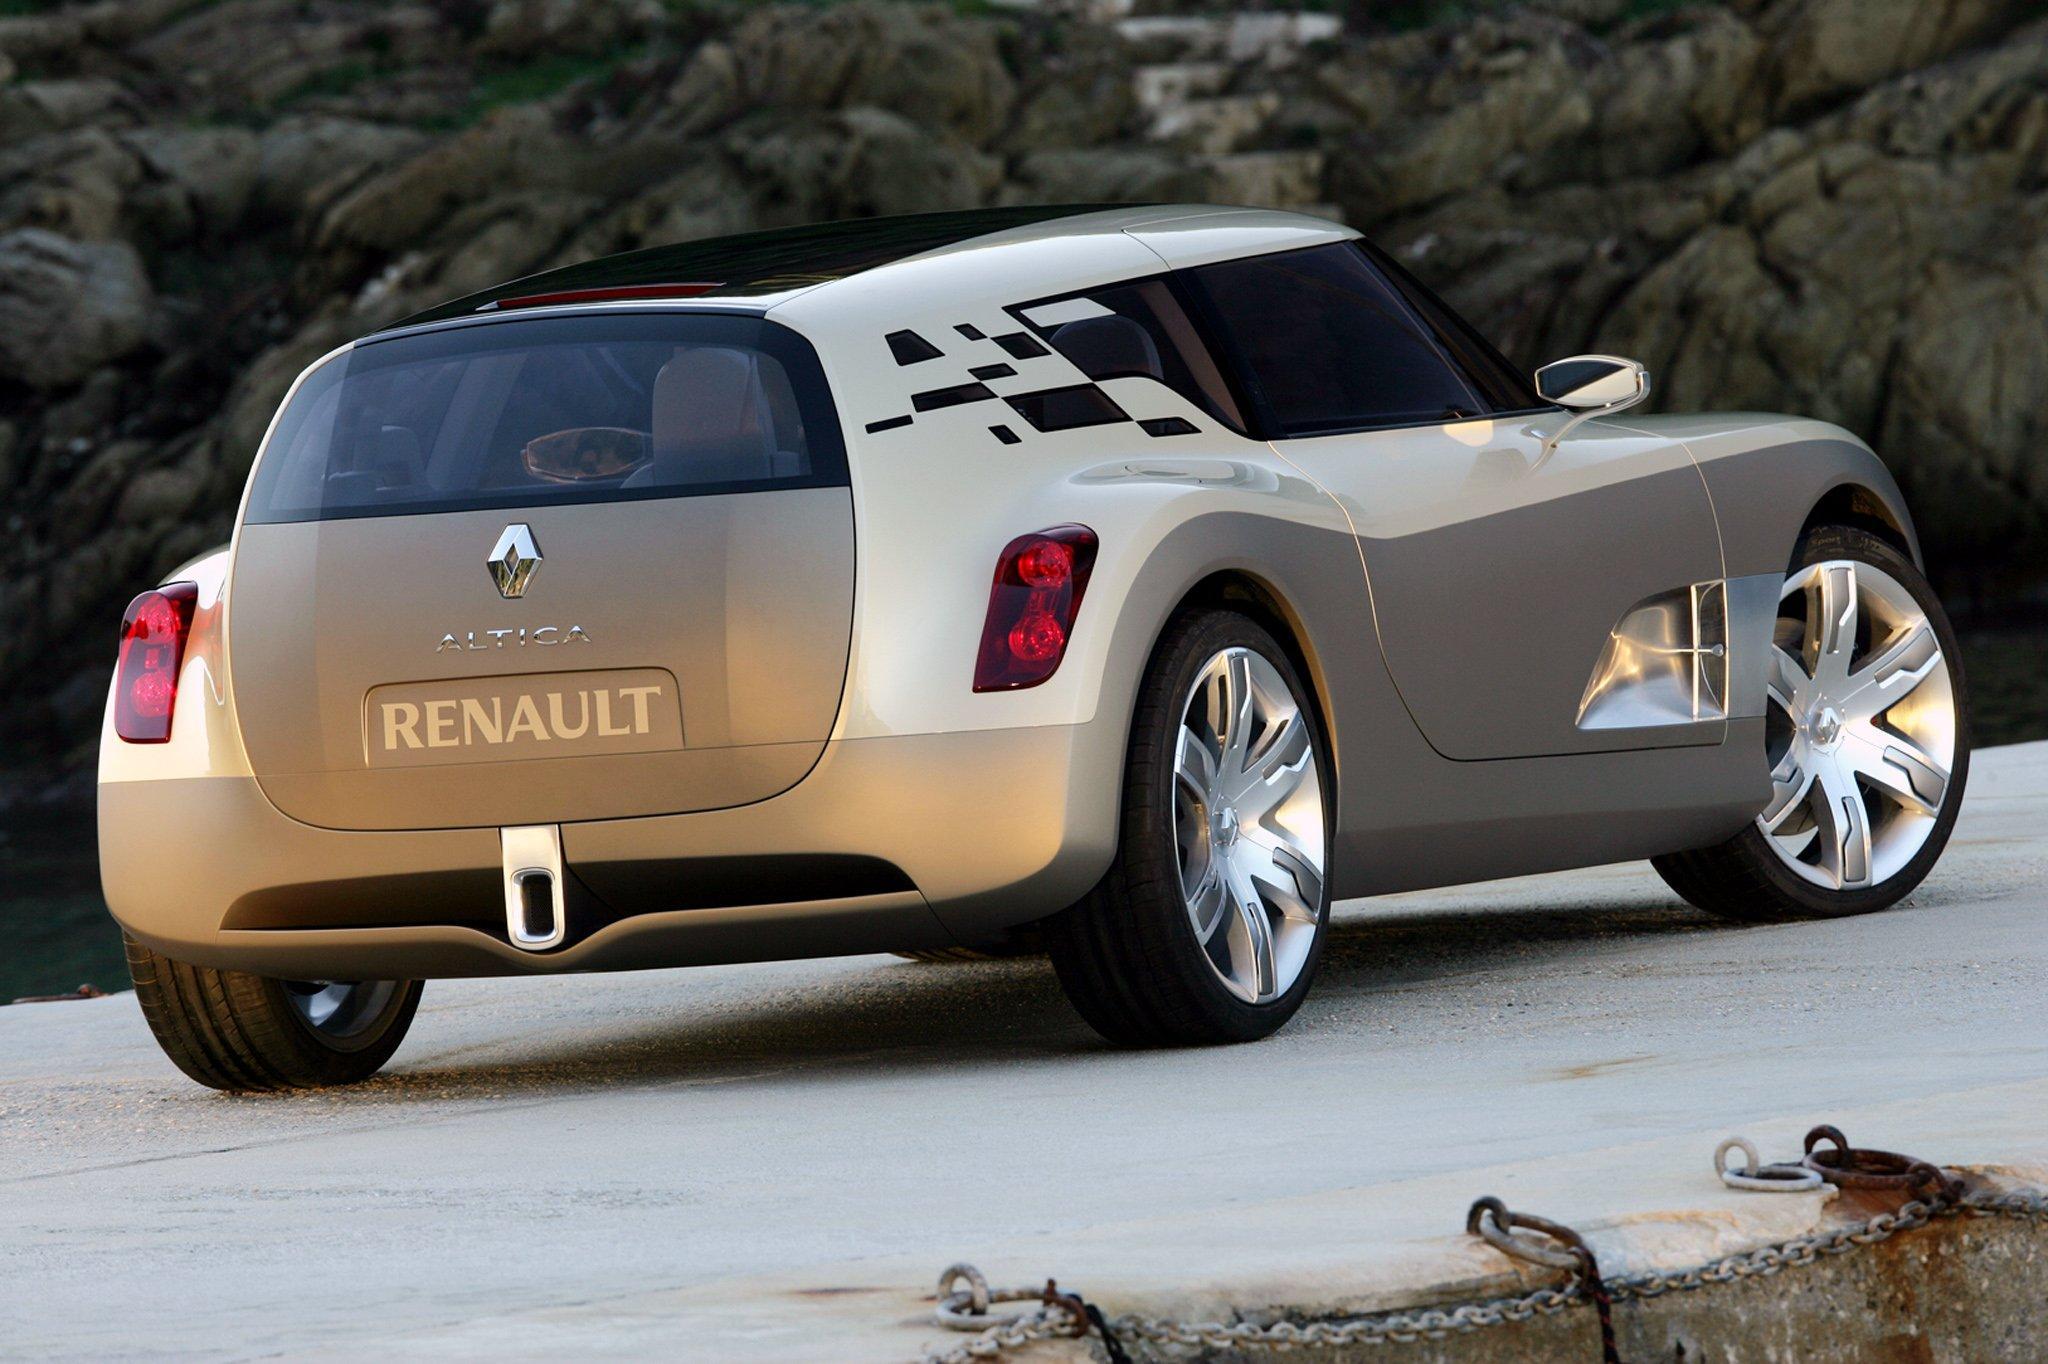 Spektakulärer Renault-KombiAltica: Spektakulär ist auch die Nachricht, dass Renault seit über 25 Jahren Abgaswerte manipulieren soll.